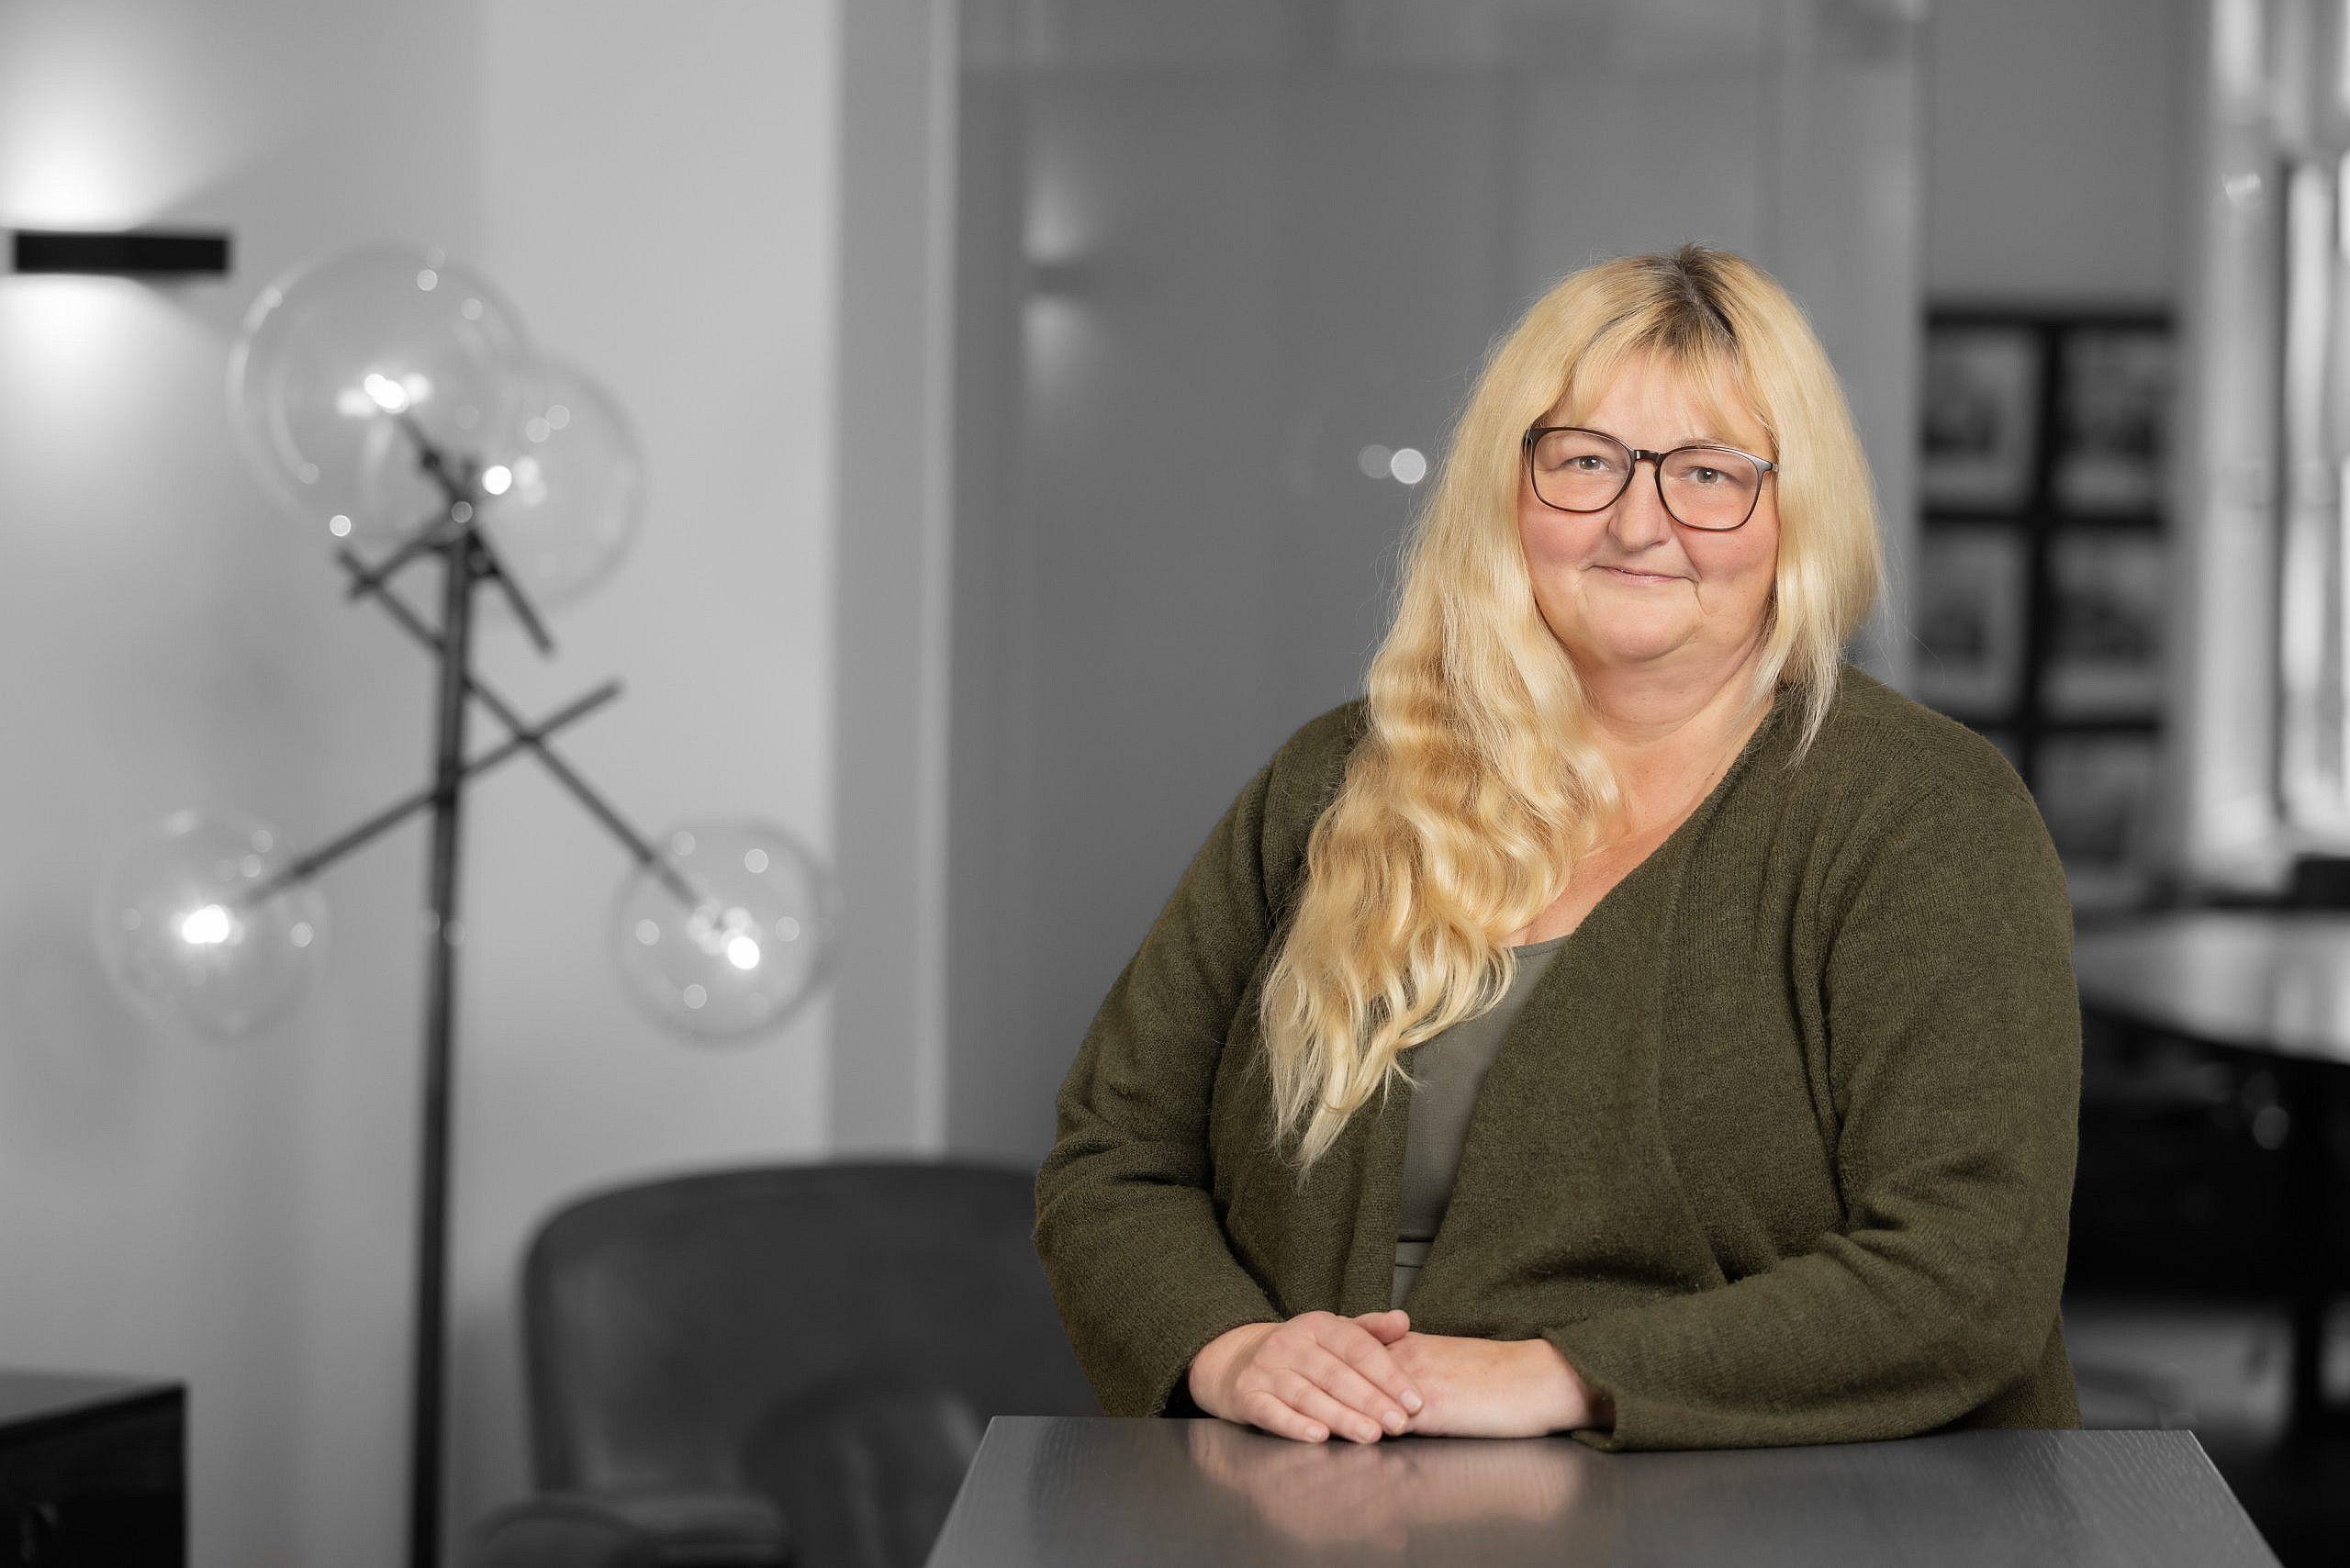 Kristin Fechtel